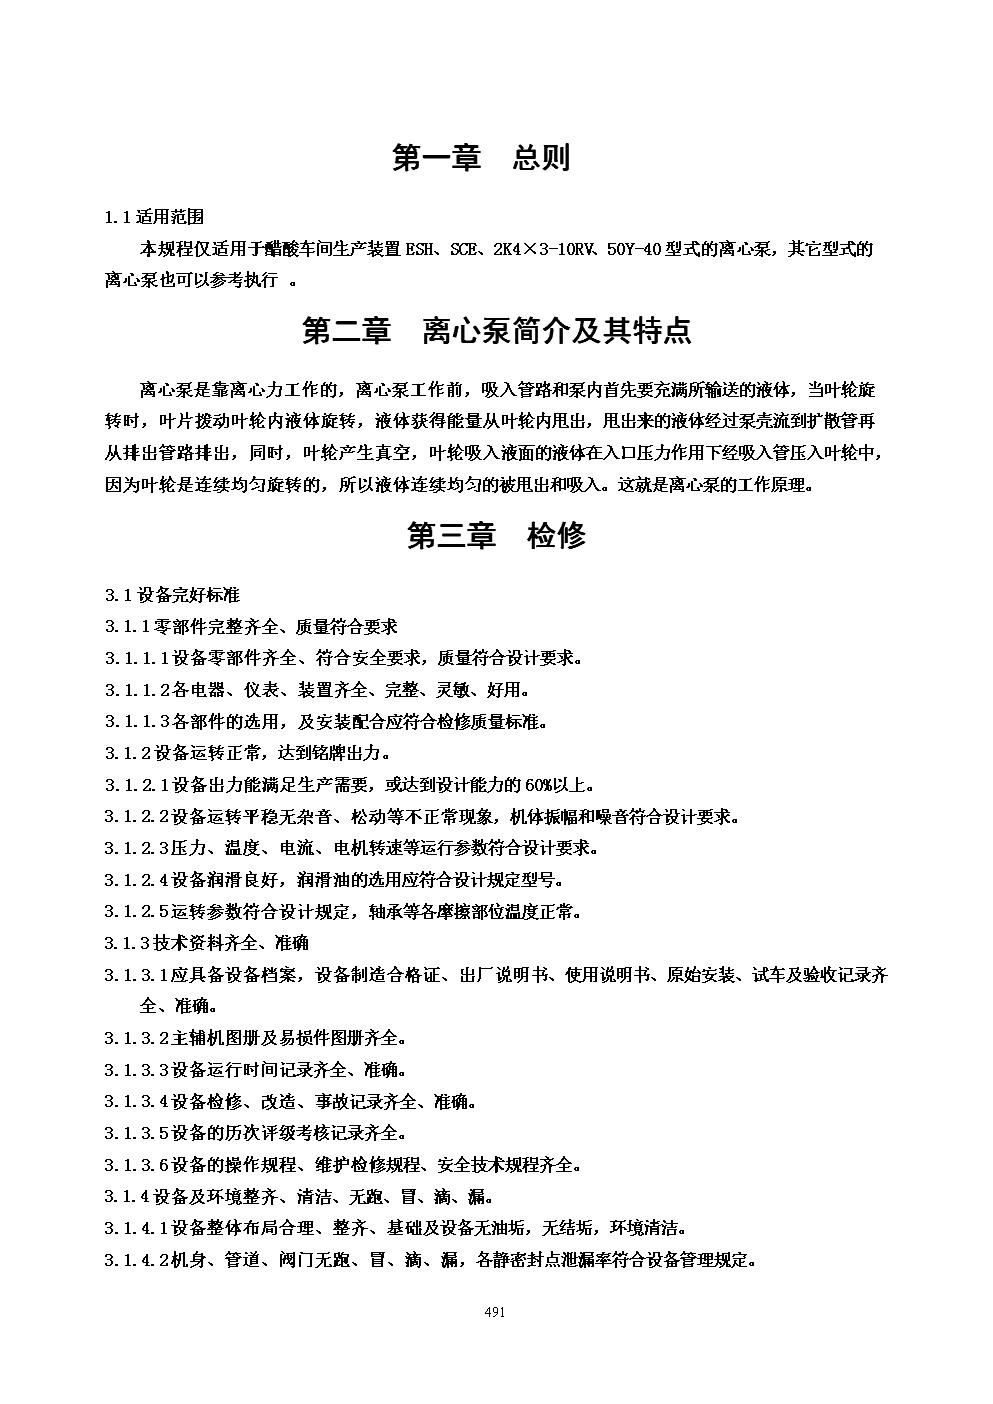 离心泵检修标准规程.doc